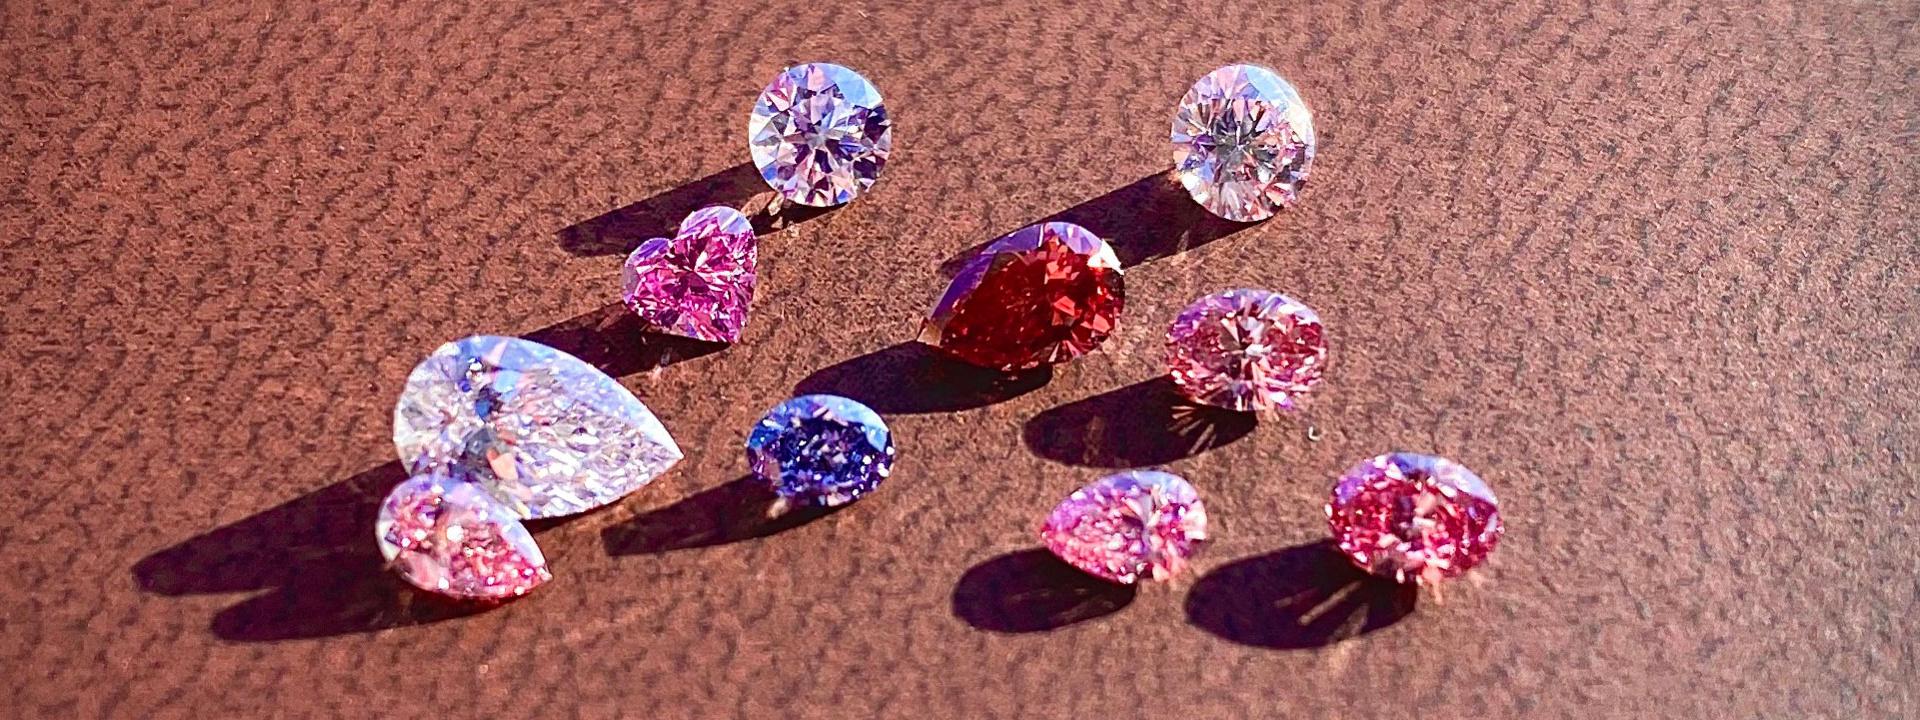 růžové diamanty z dolu argyle